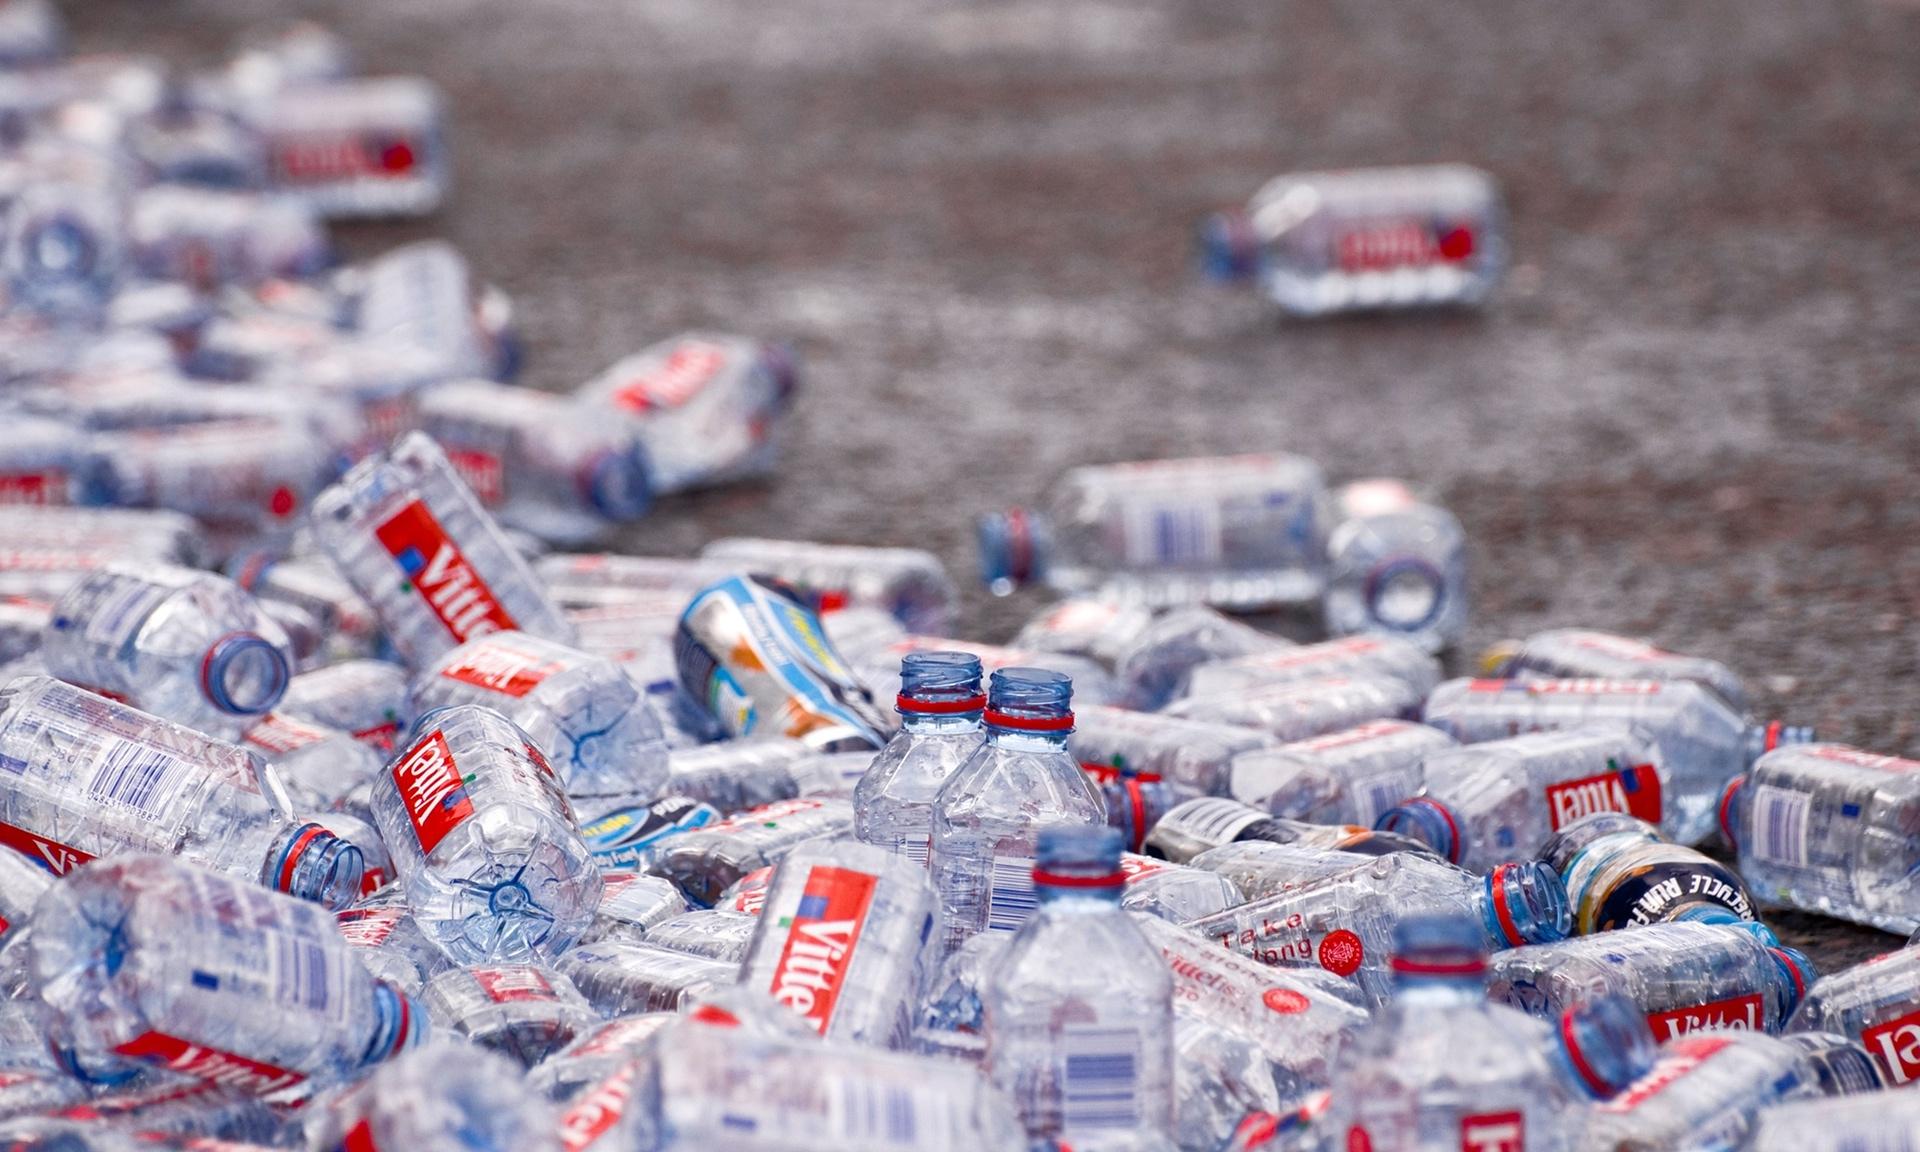 Botellas de plástico abandonadas en el suelo después de la maratón de Londres, fotos de Tracy Gunn / Alamy